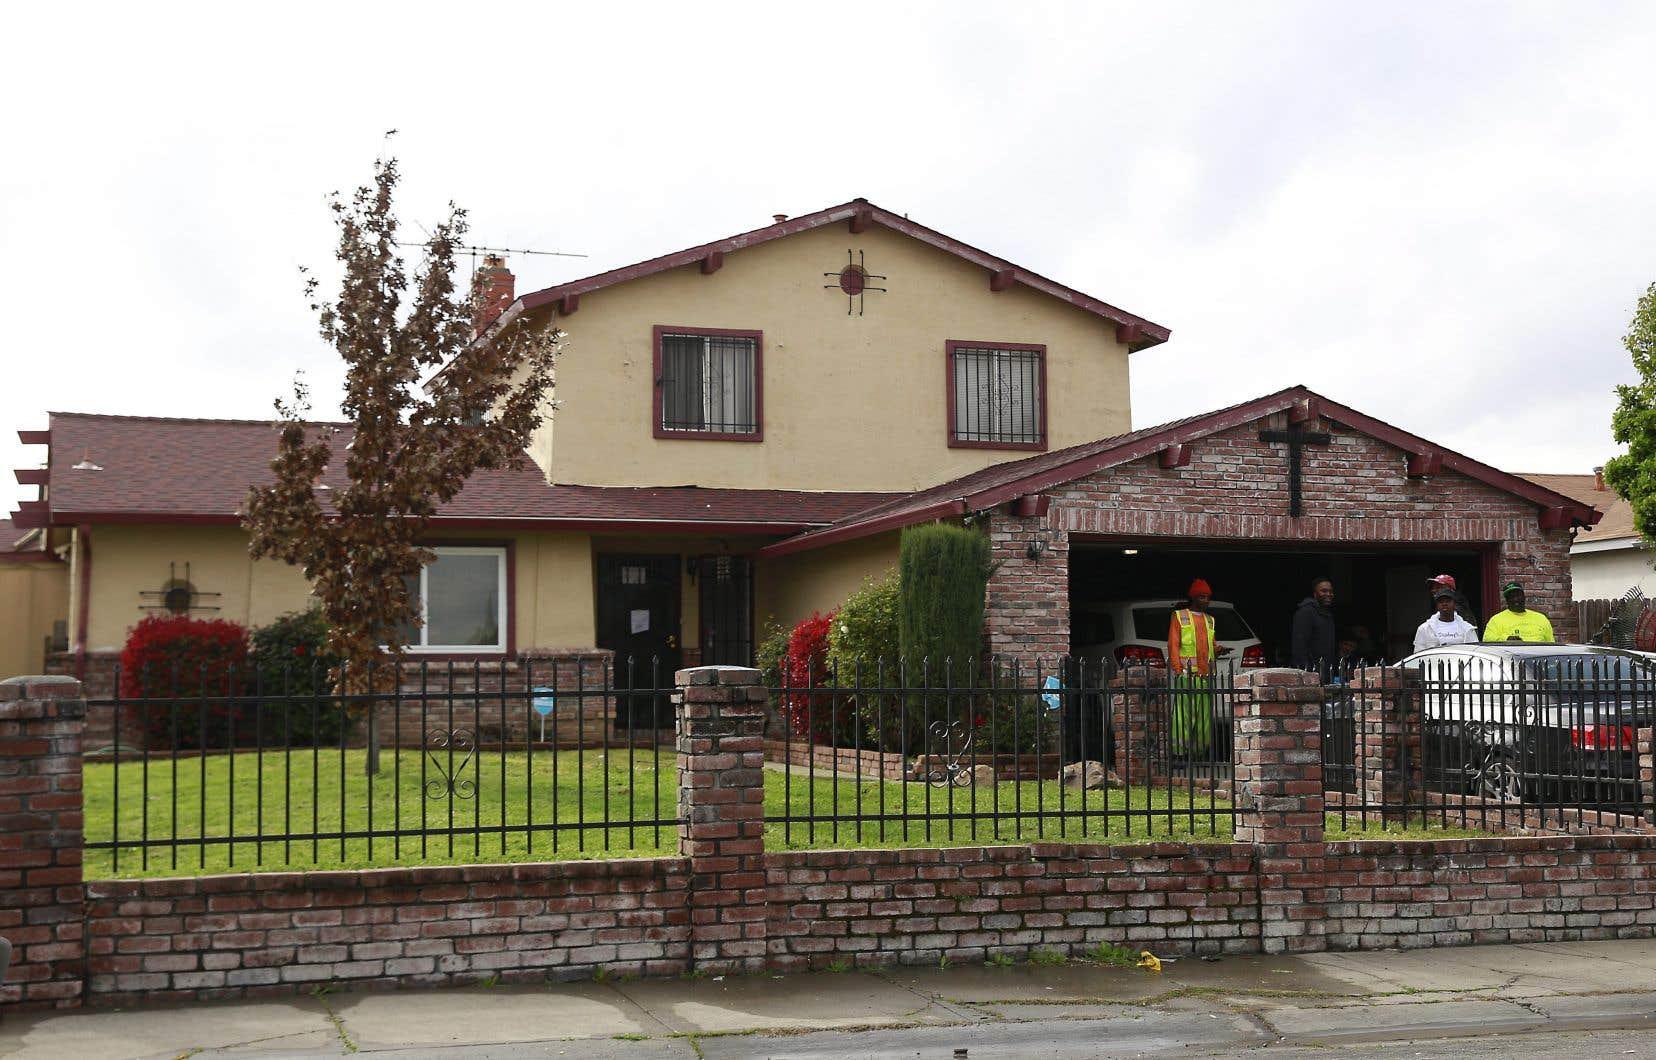 Des gens se rassemblent mercredi devant la maison où Stephon Alonzo Clark, 22 ans, a été abattu par deux policiers à Sacramento, en Californie.